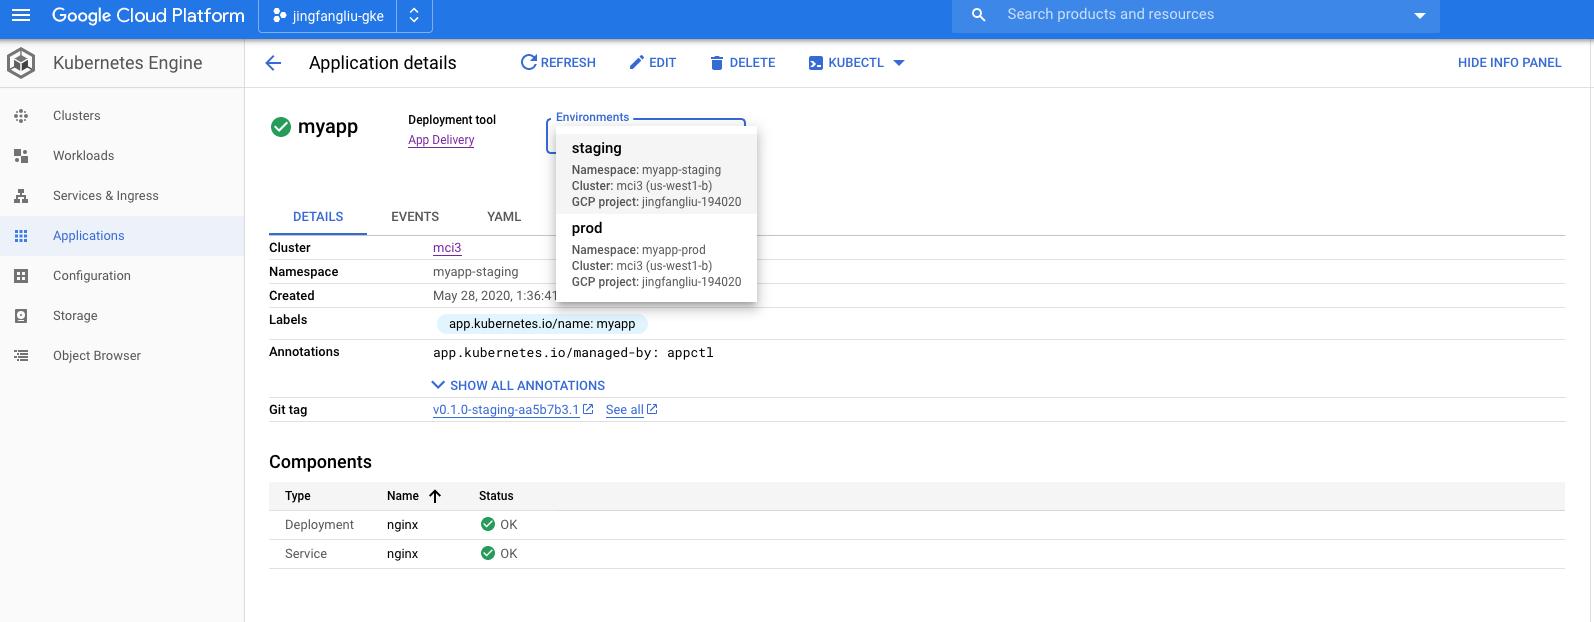 应用详细信息页面的屏幕截图。